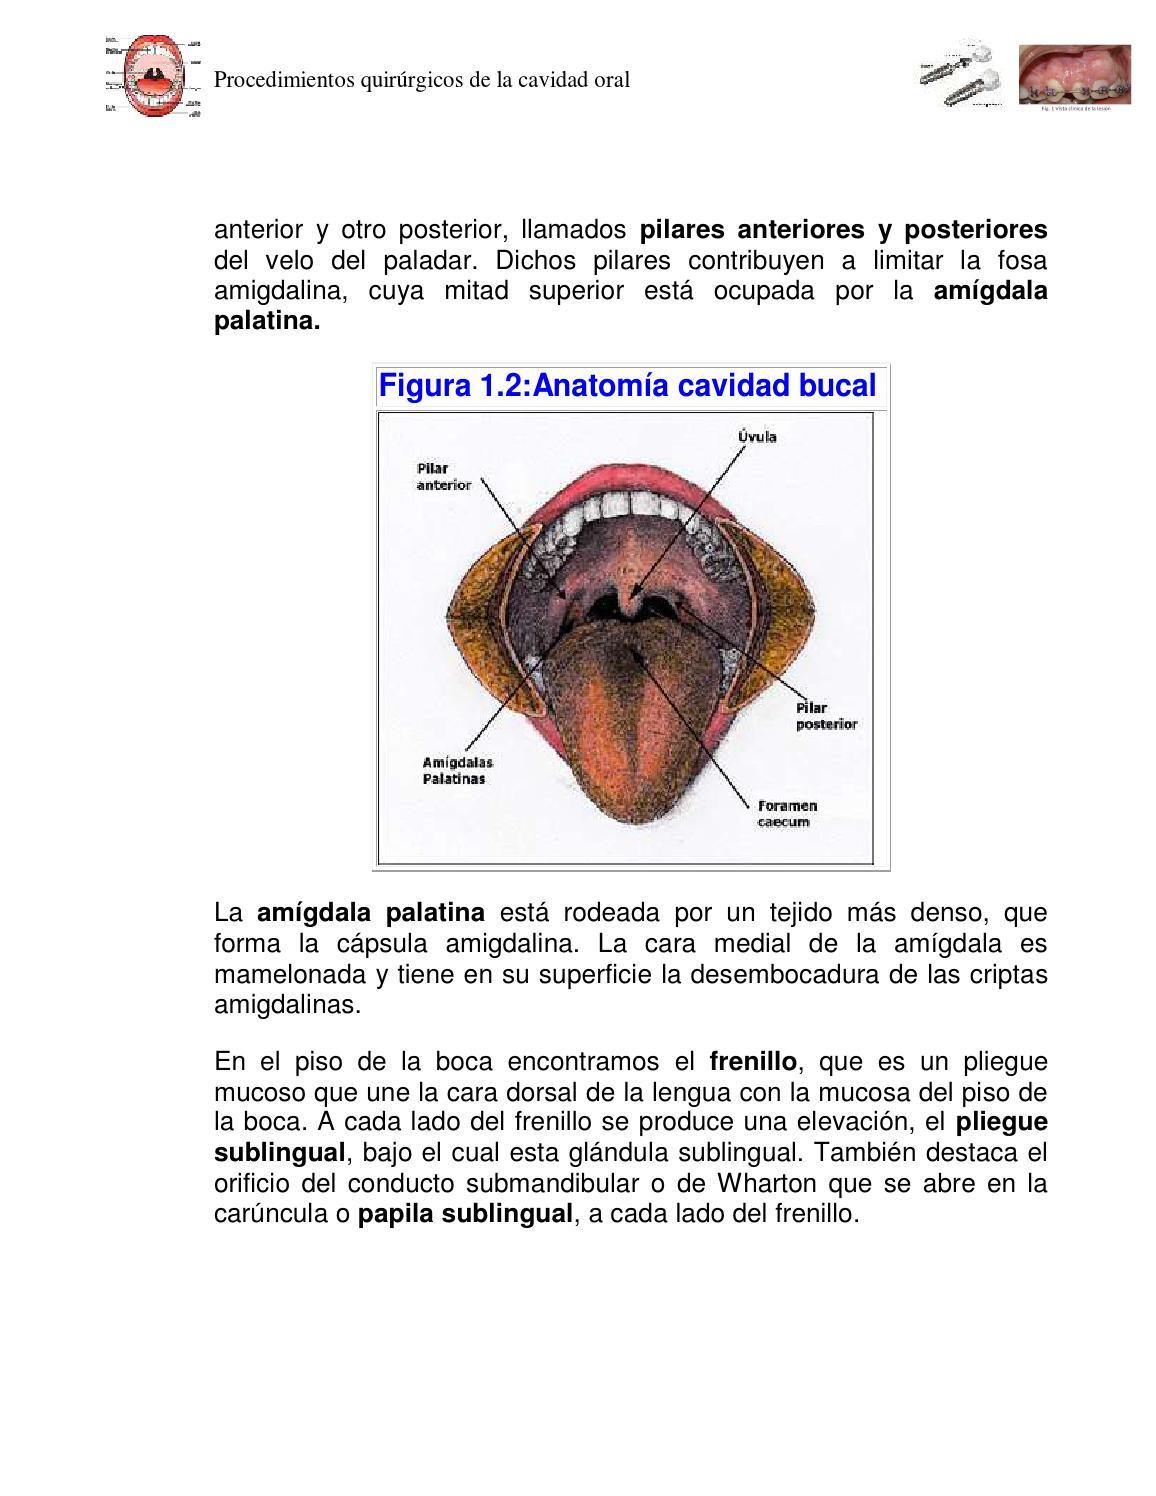 Procedimientos quirurgicos en la cavidad oral 2do tema by soluciones ...